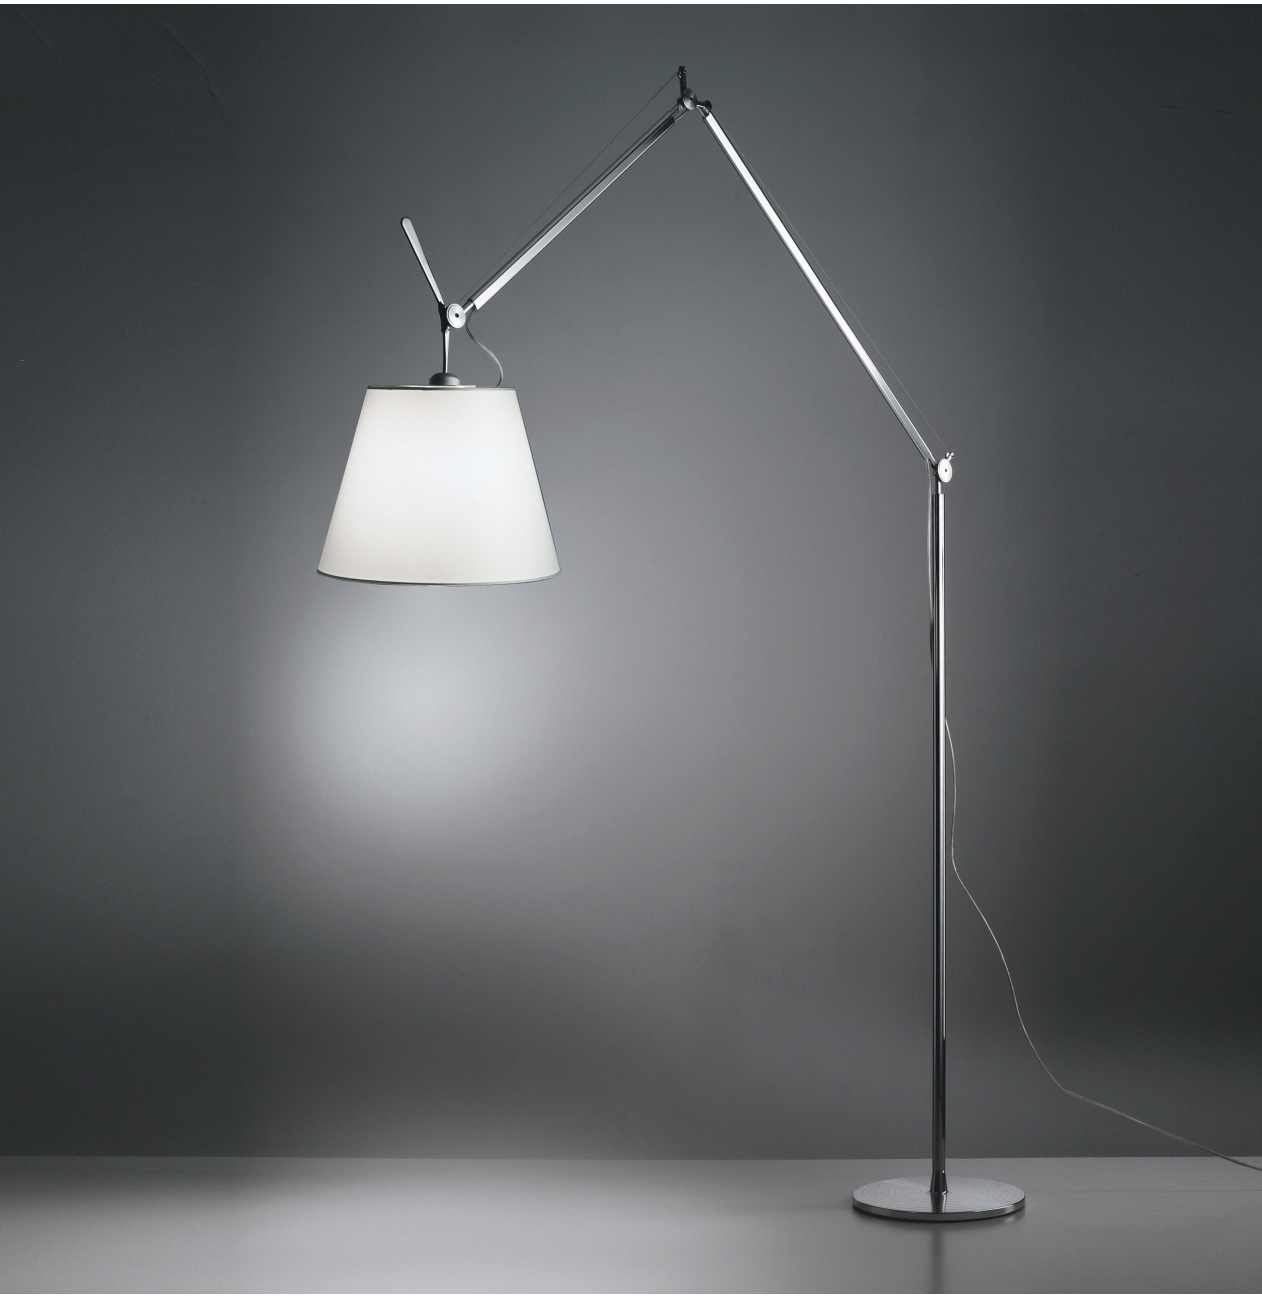 artemide vloerlamp tolomeo mega dimmer versteeg lichtstudio. Black Bedroom Furniture Sets. Home Design Ideas